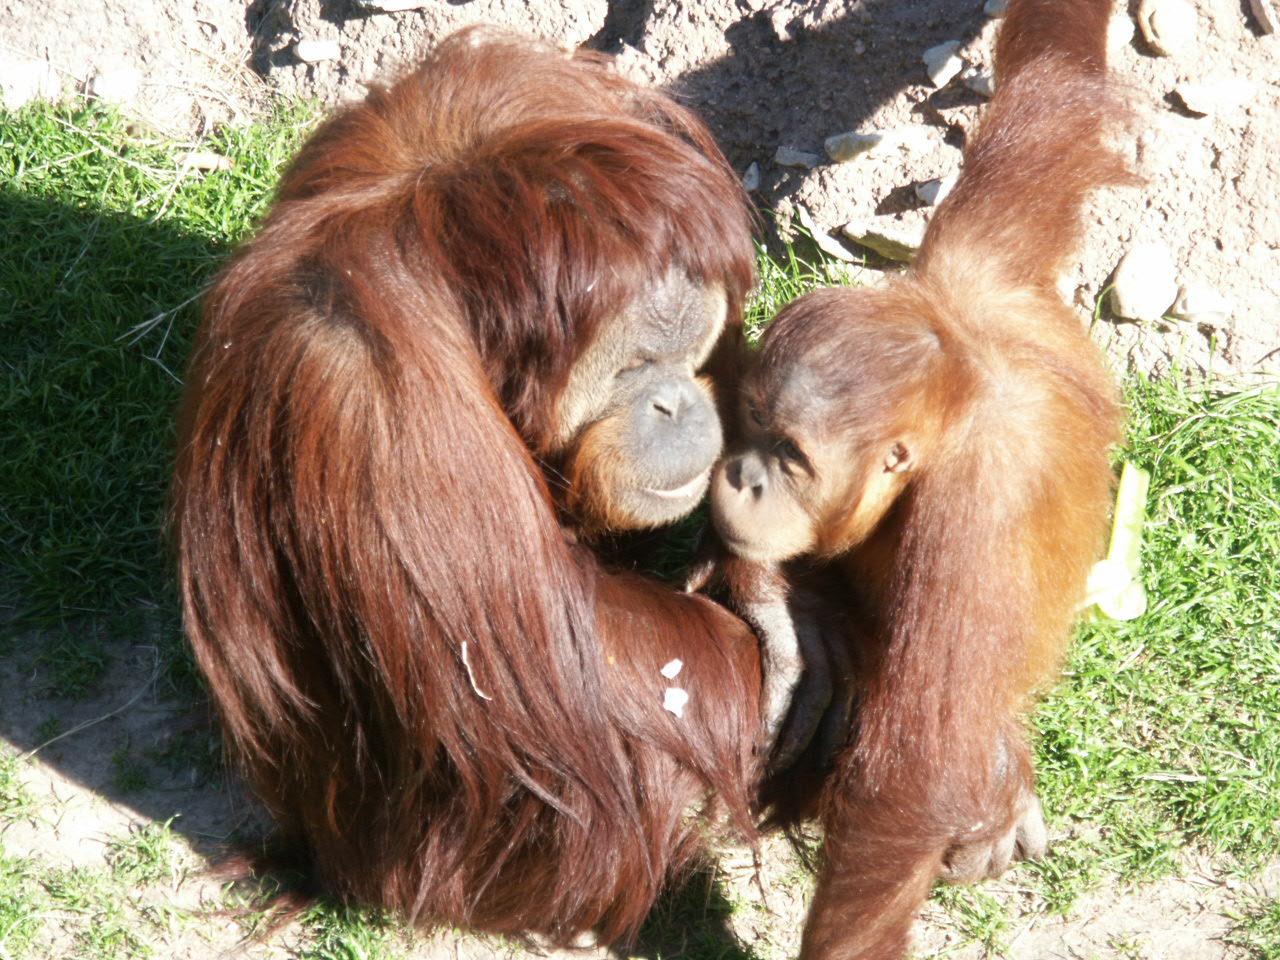 Orangutans sex